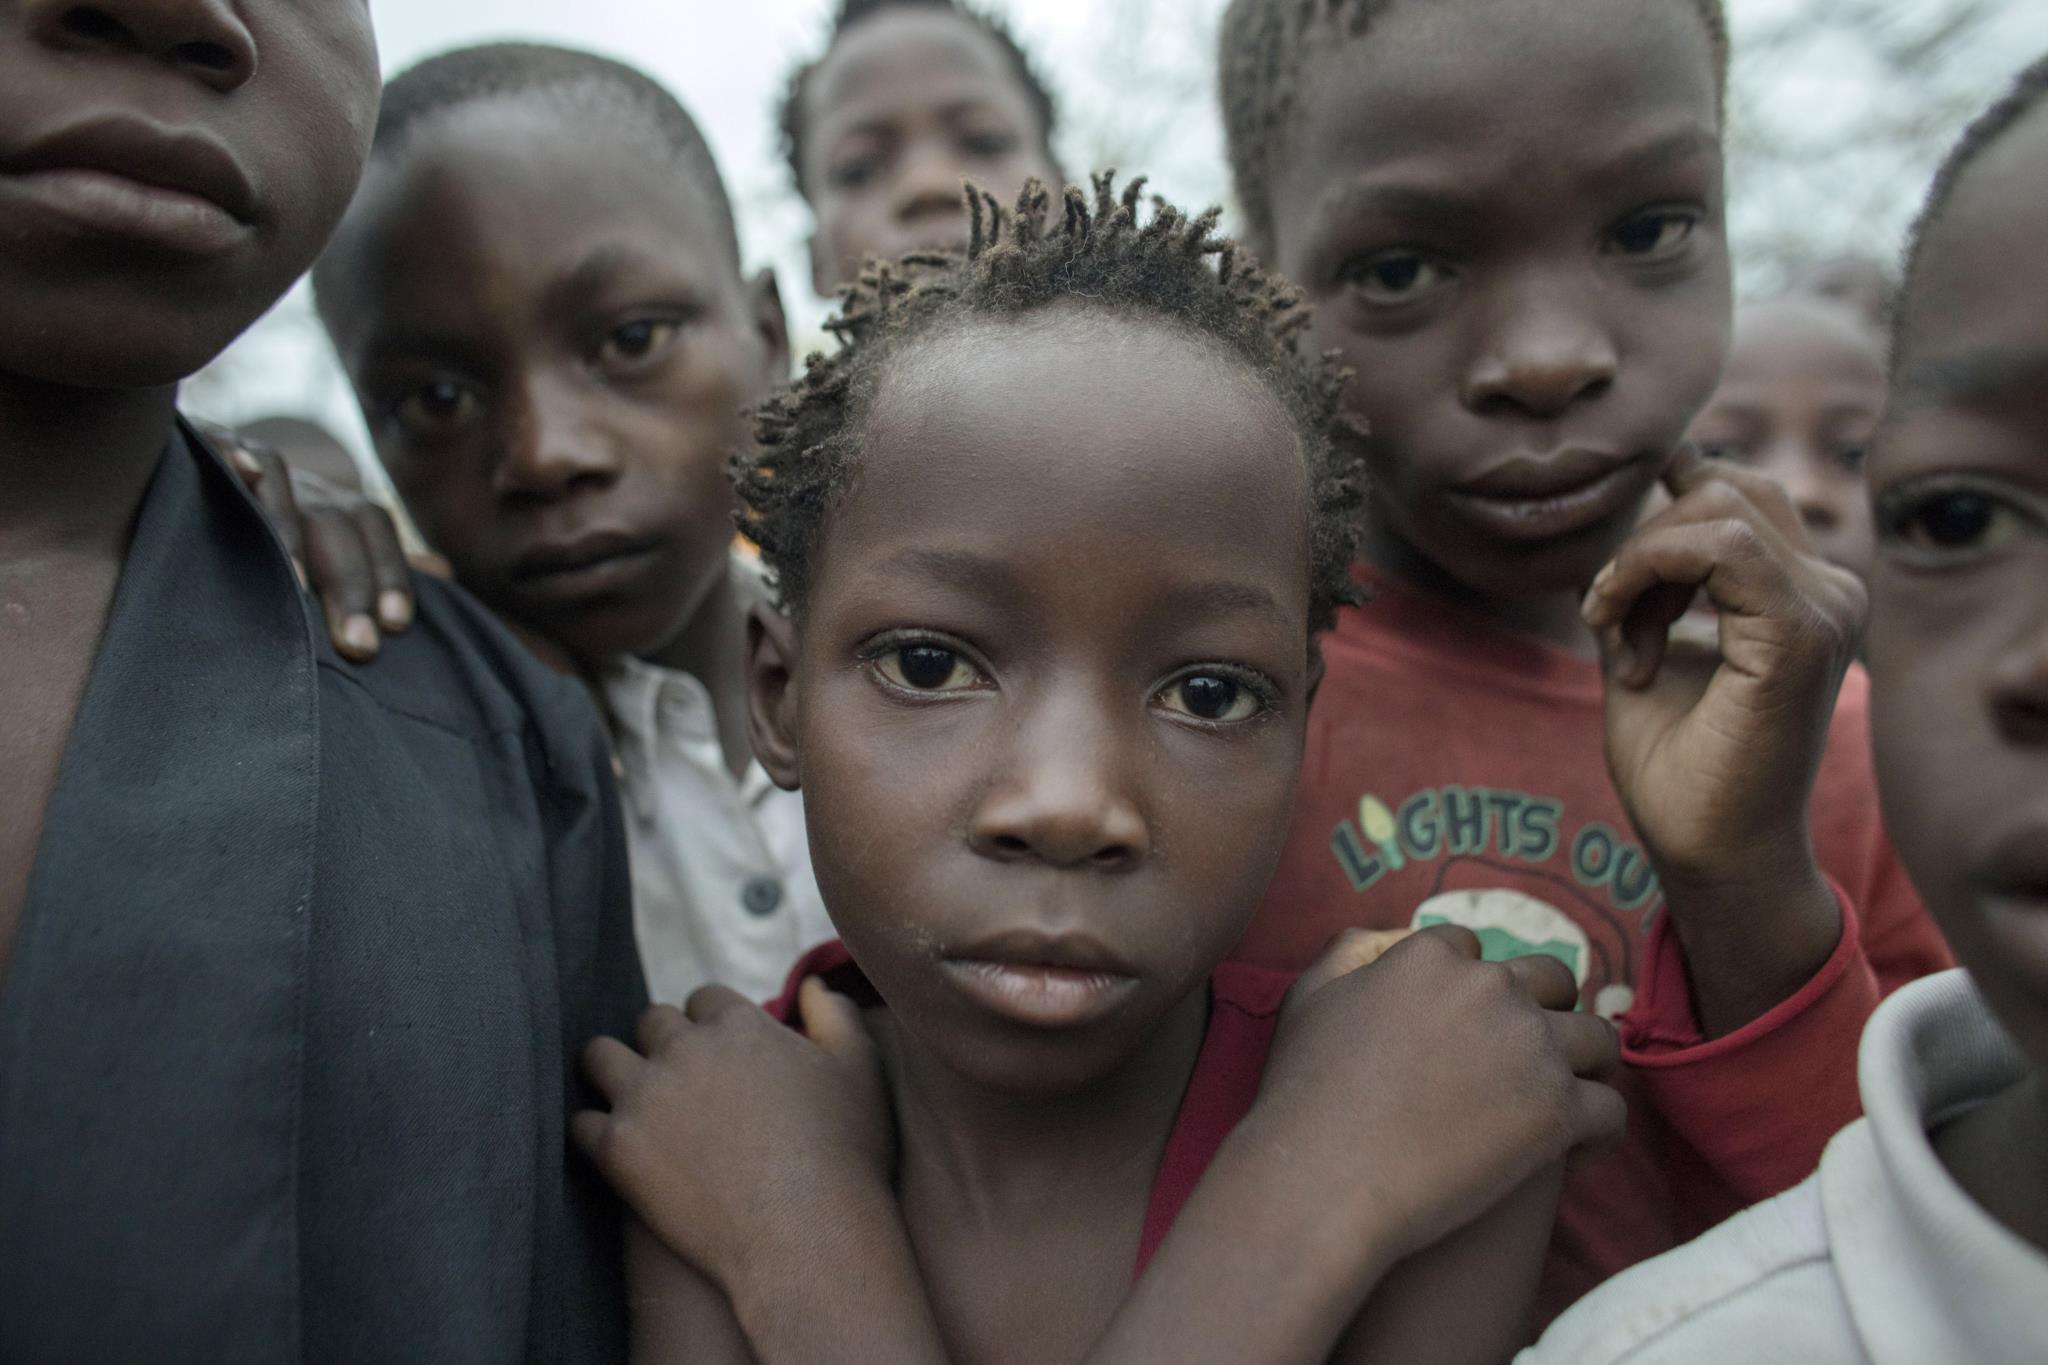 PÚBLICO - Crianças num centro de abrigo temporário na província de Sofala, Moçambique